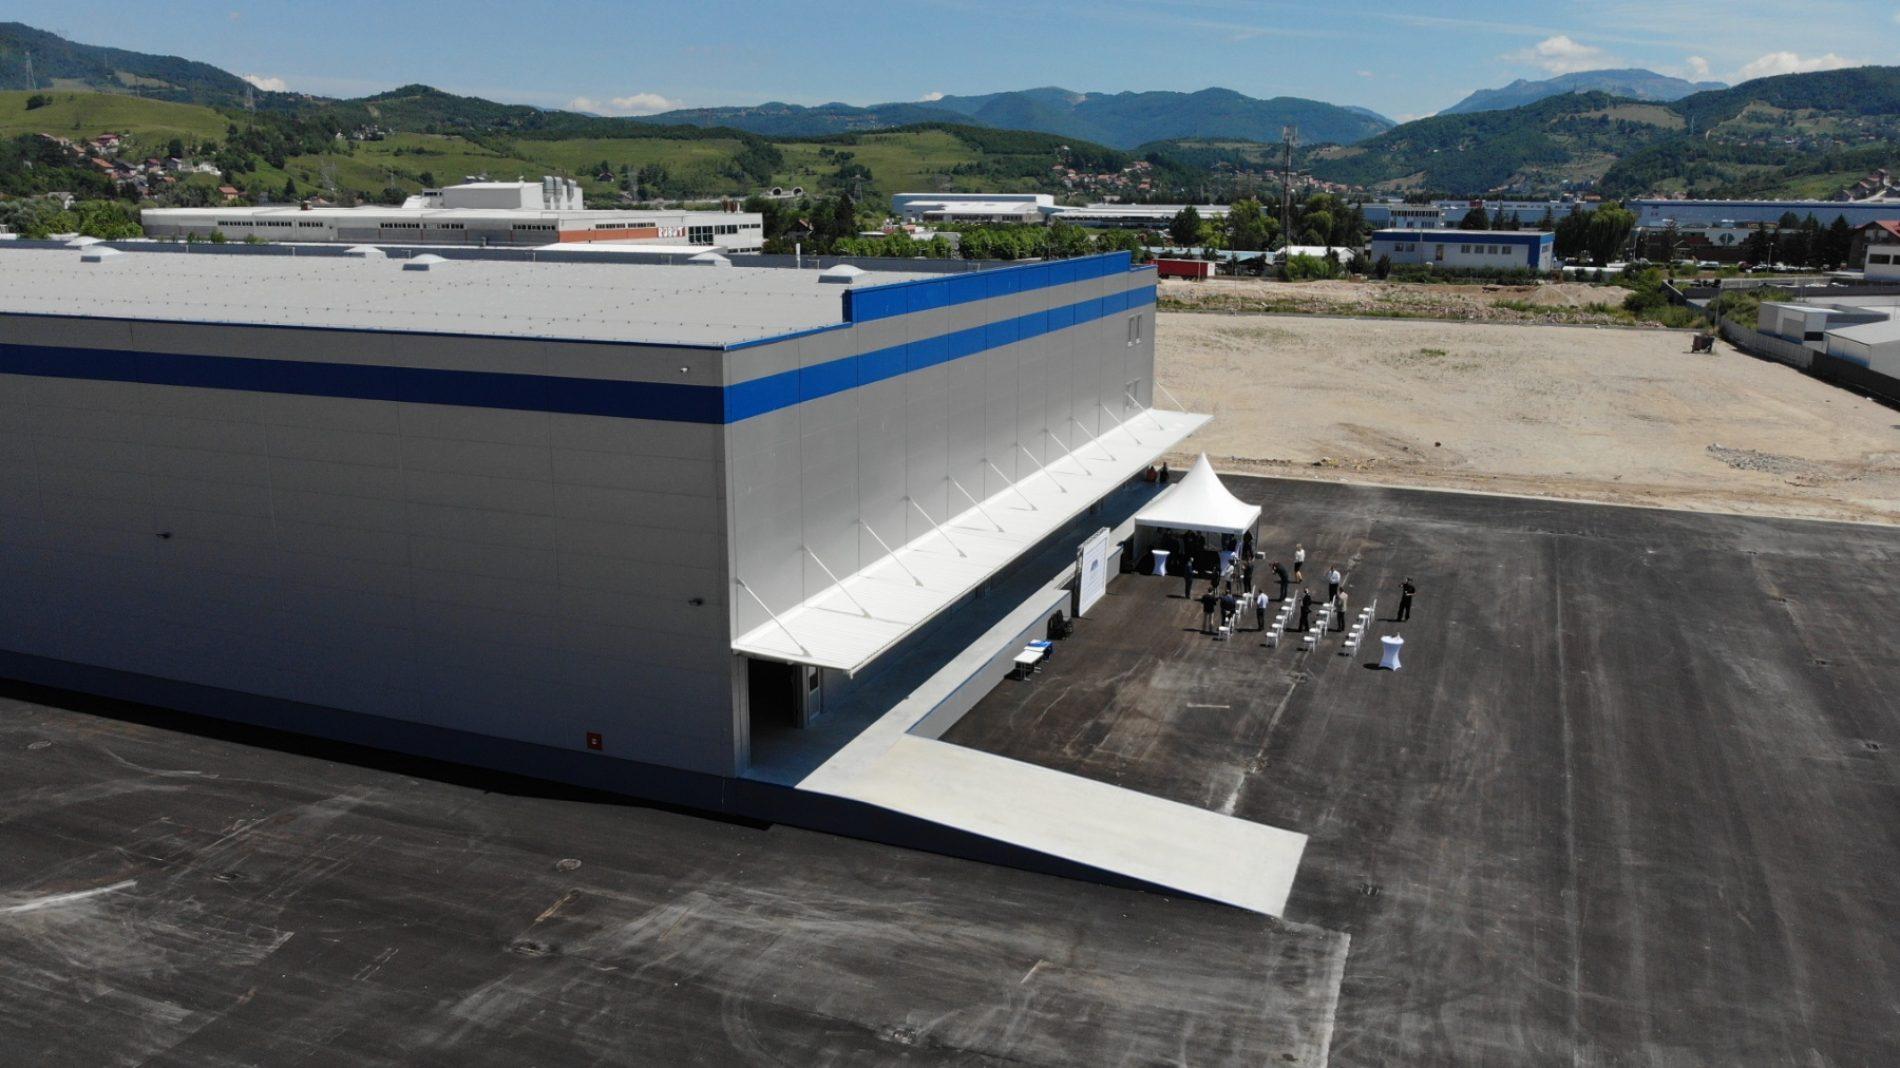 Selzer Grupa i ASA Grupacija otvaraju 300 novih radnih mjesta u općini Novi Grad